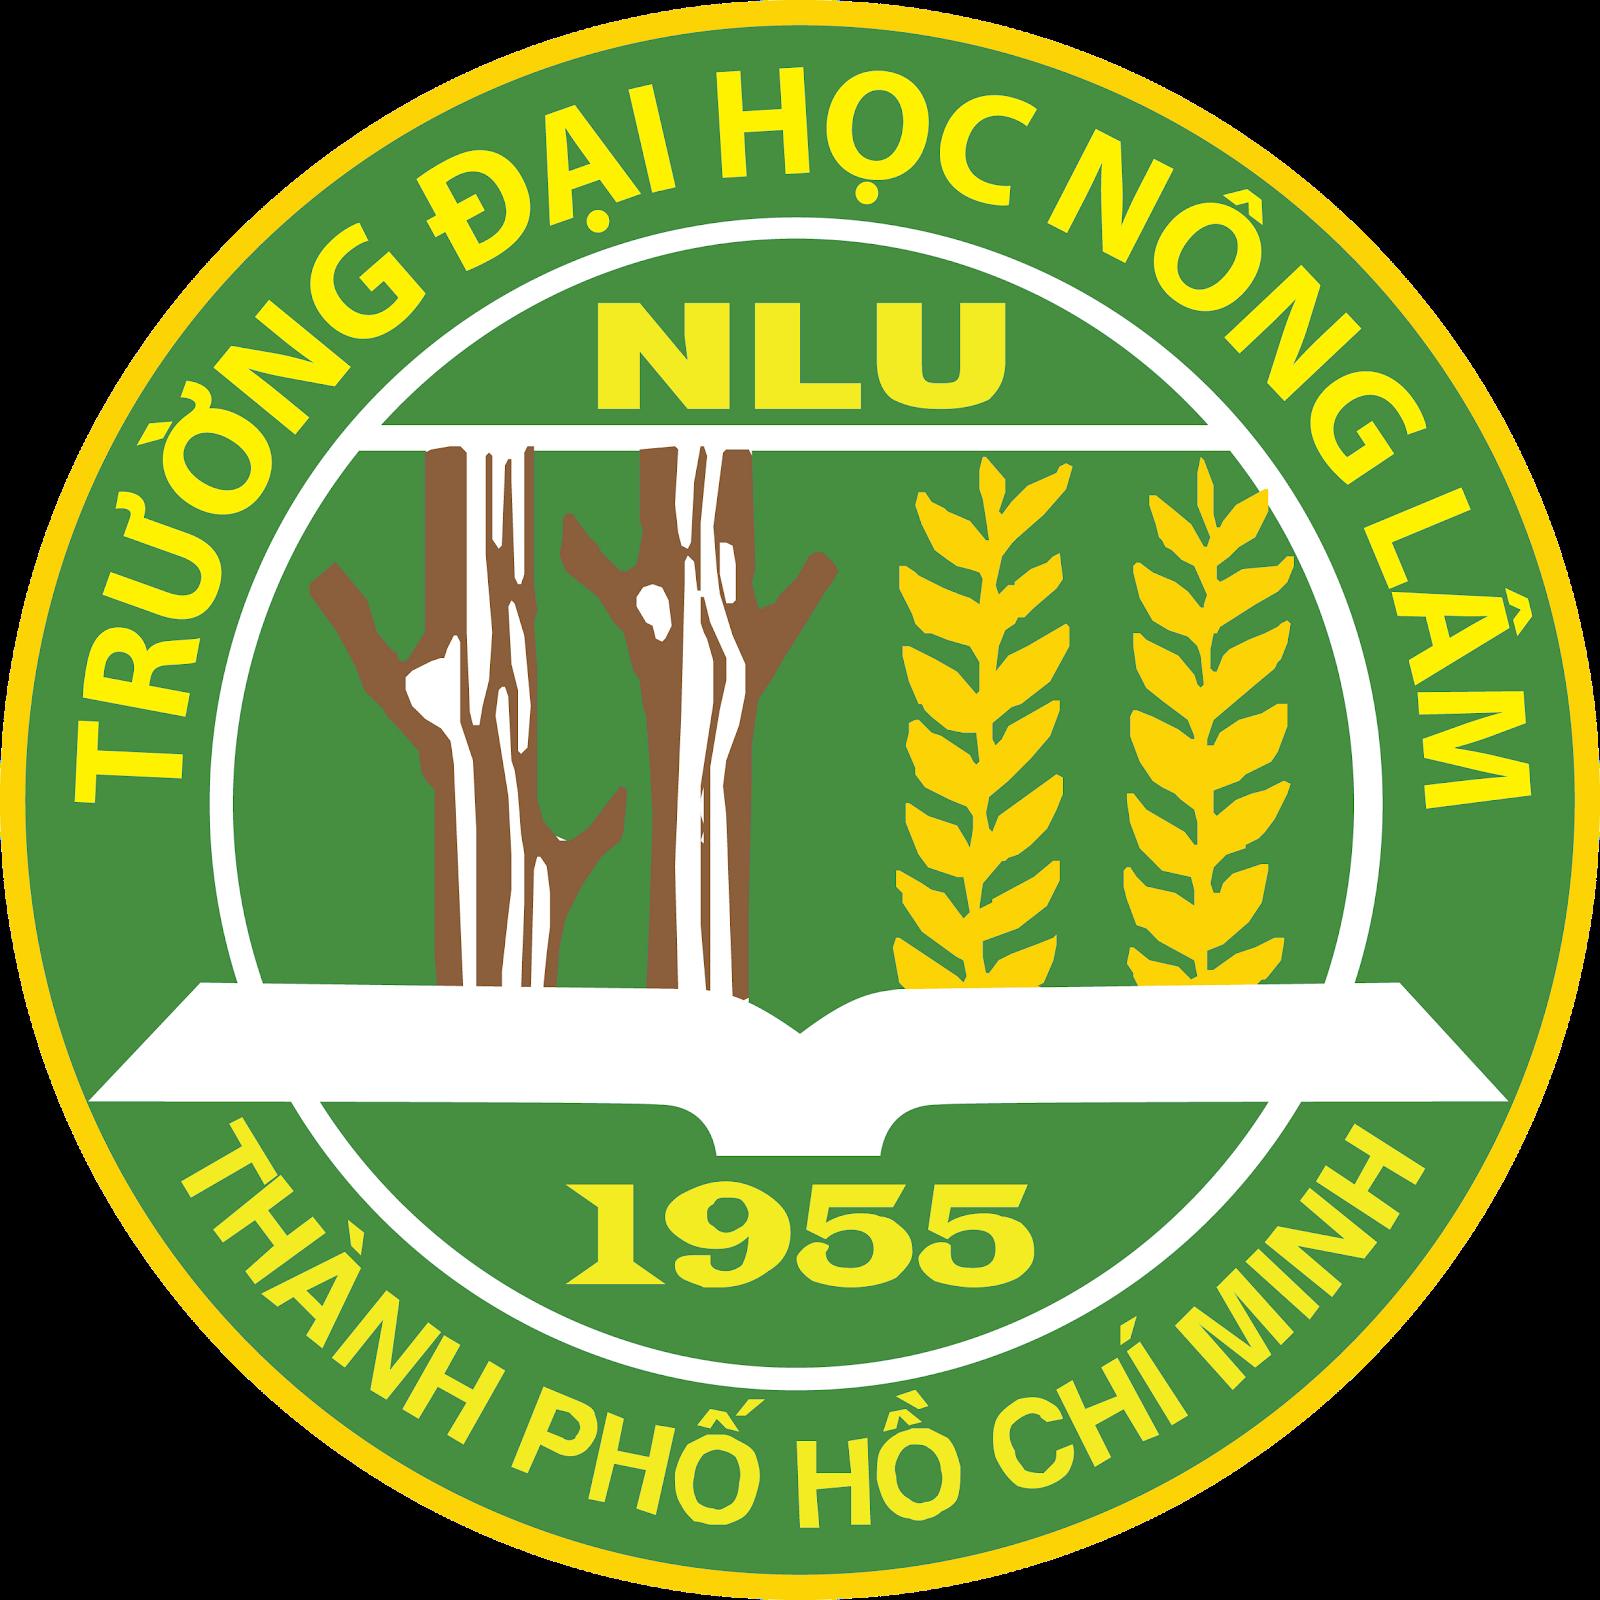 Logo Đại học Nông lâm Tp.HCM